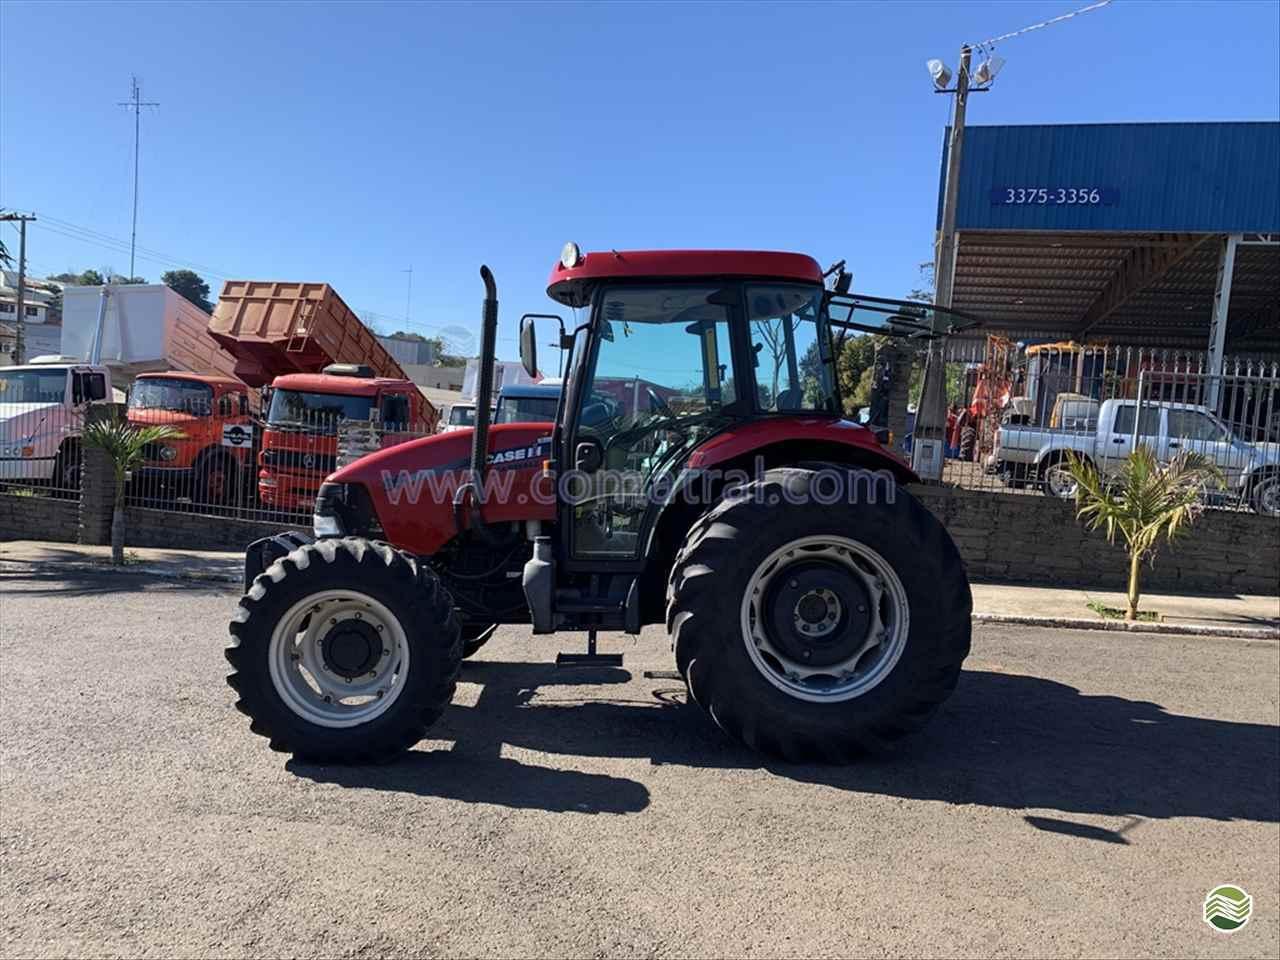 CASE CASE Farmall 95  2009/2009 Comatral Caminhões e Máquinas Agrícolas